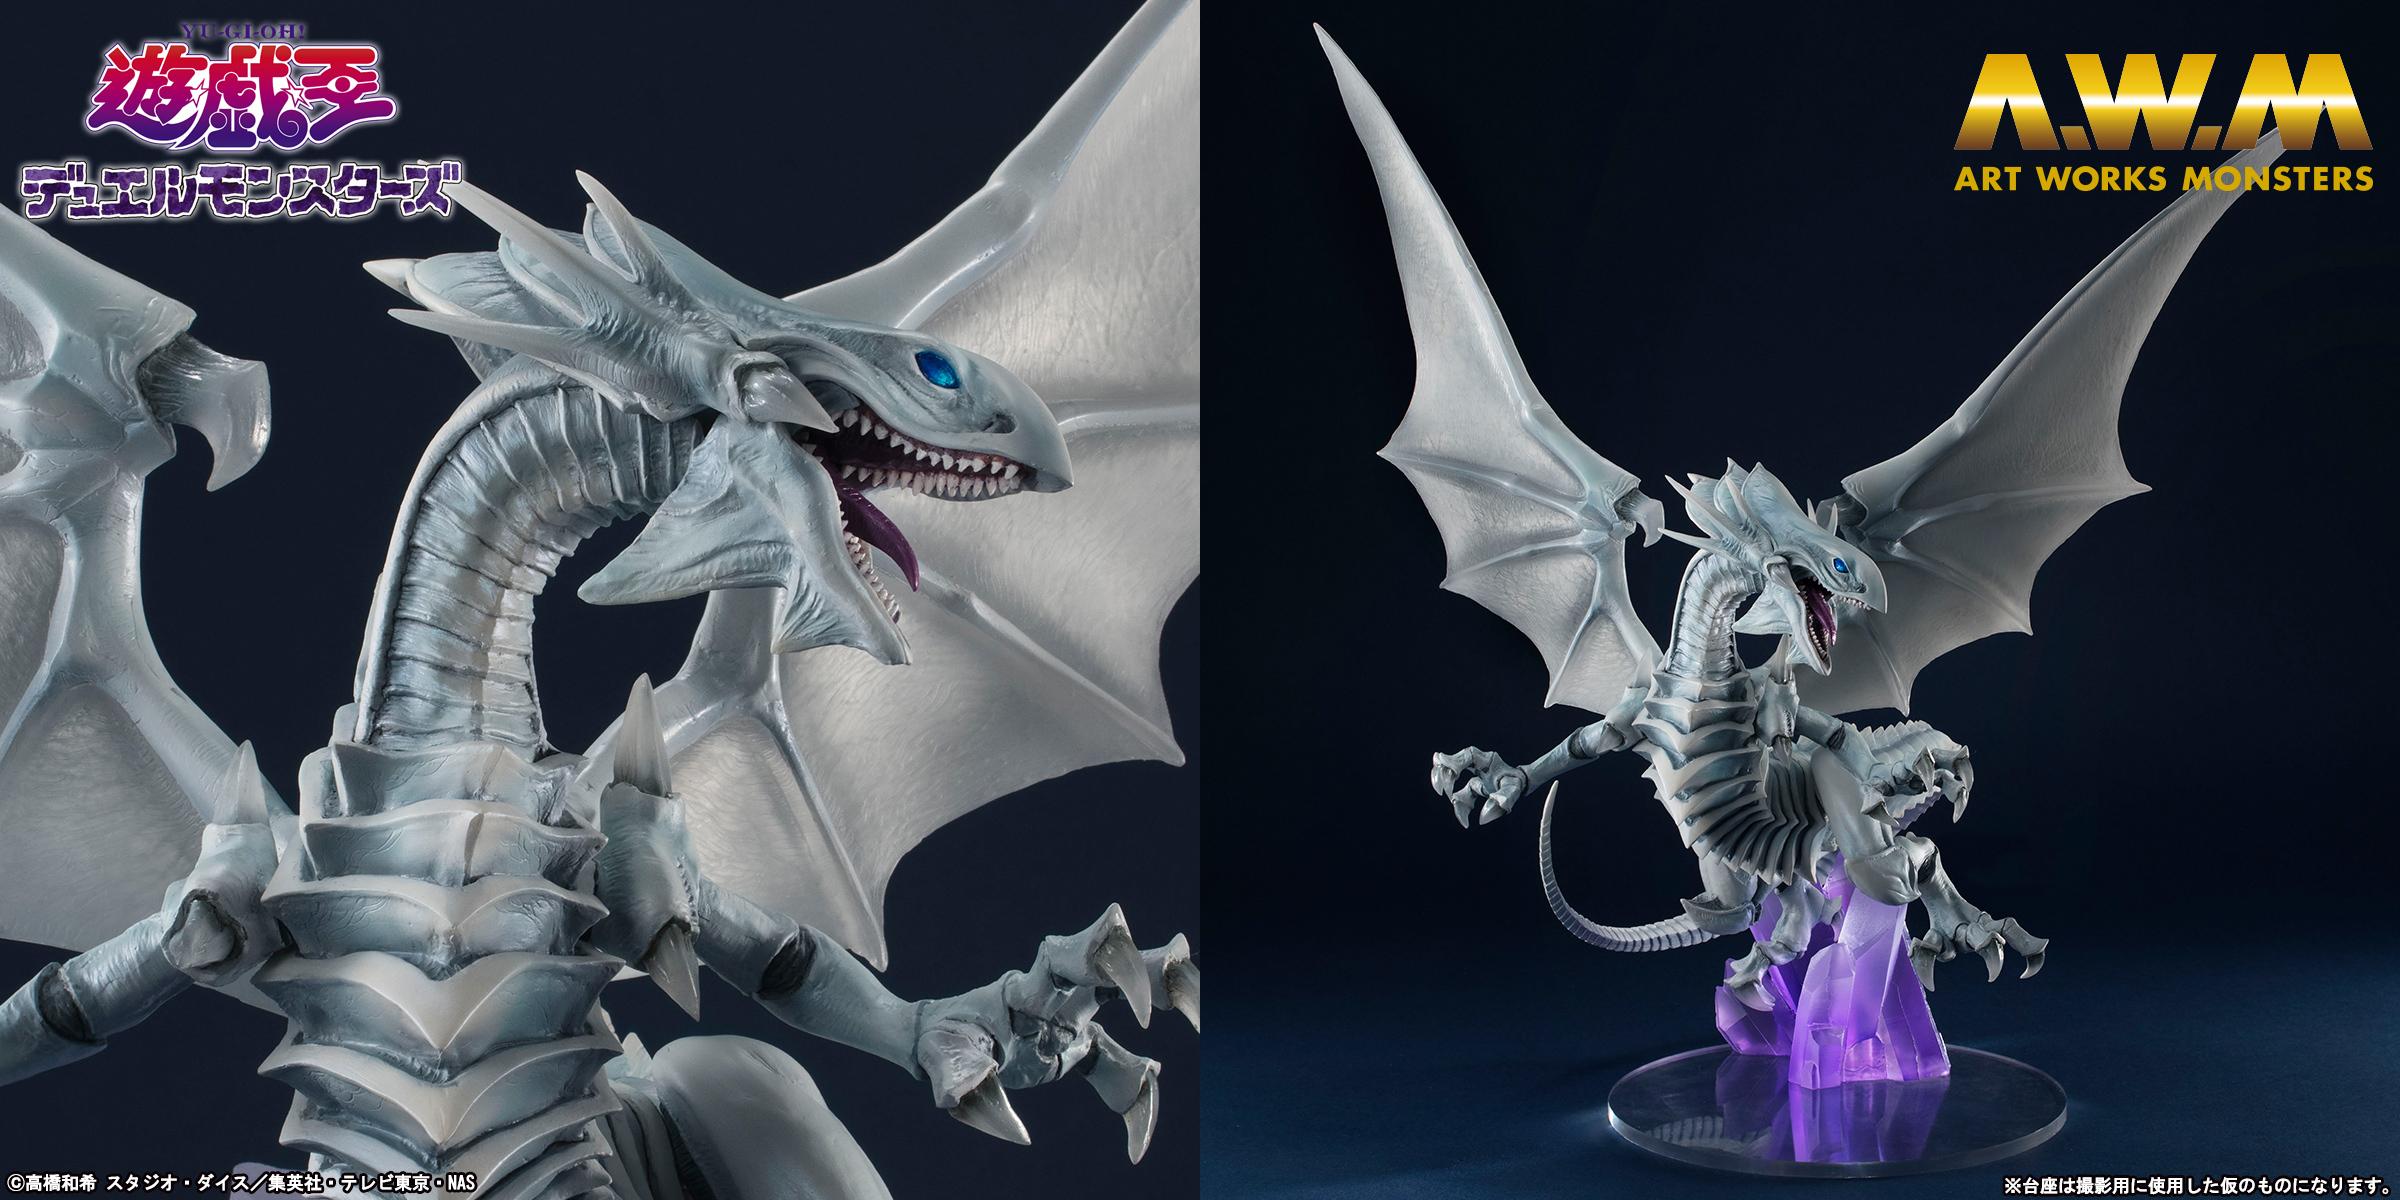 『遊☆戯☆王デュエルモンスターズ』「青眼の白龍」が立体化! 迫力の全高28cm!翼を広げ躍動する姿を再現